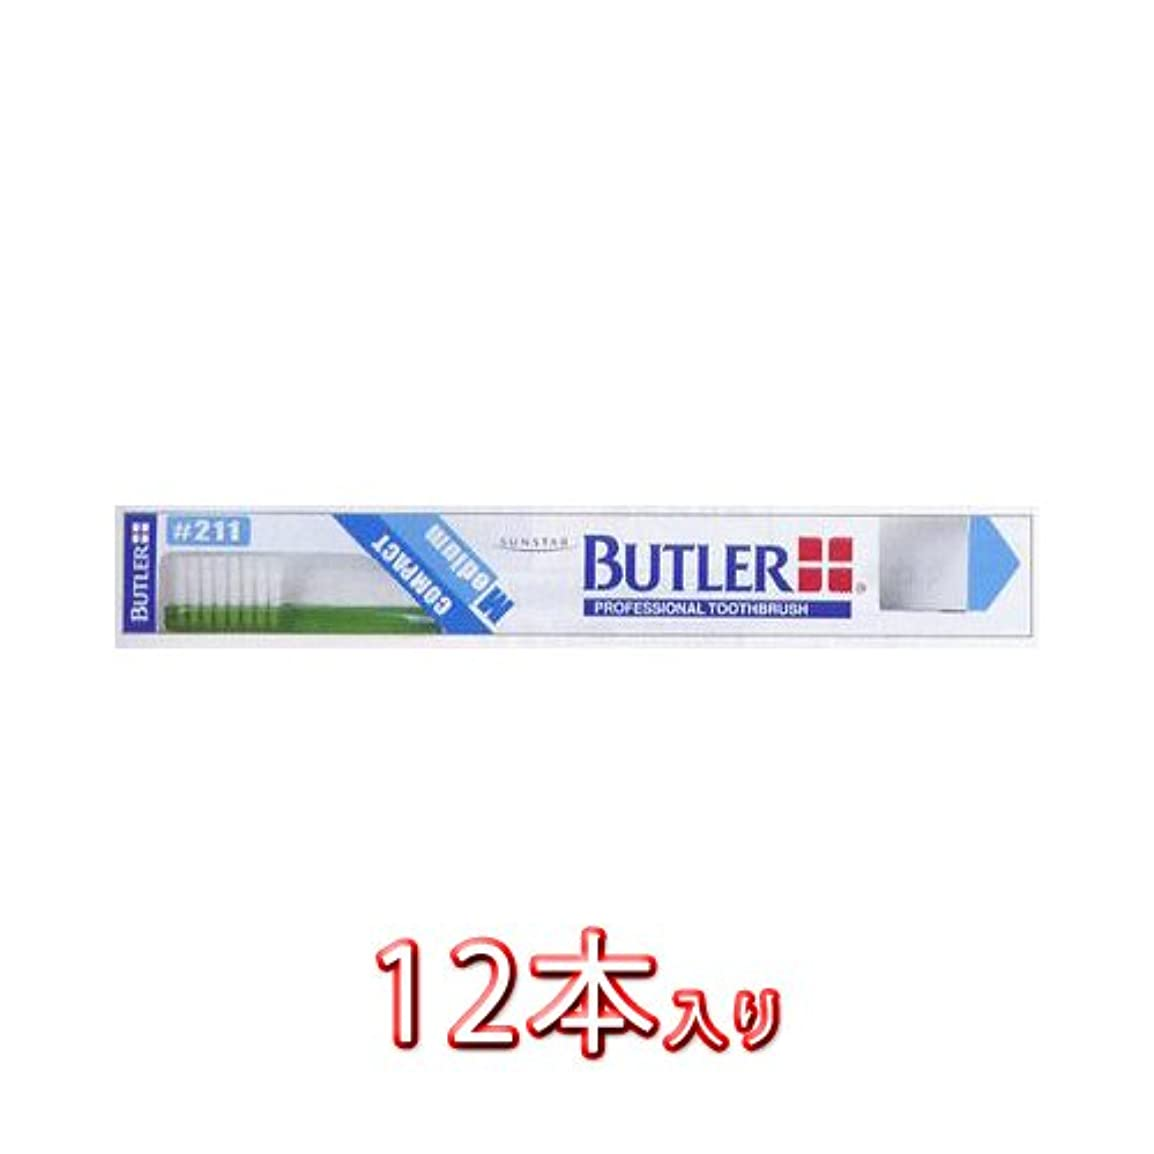 物理学者施し短くするバトラー 歯ブラシ #211 12本入